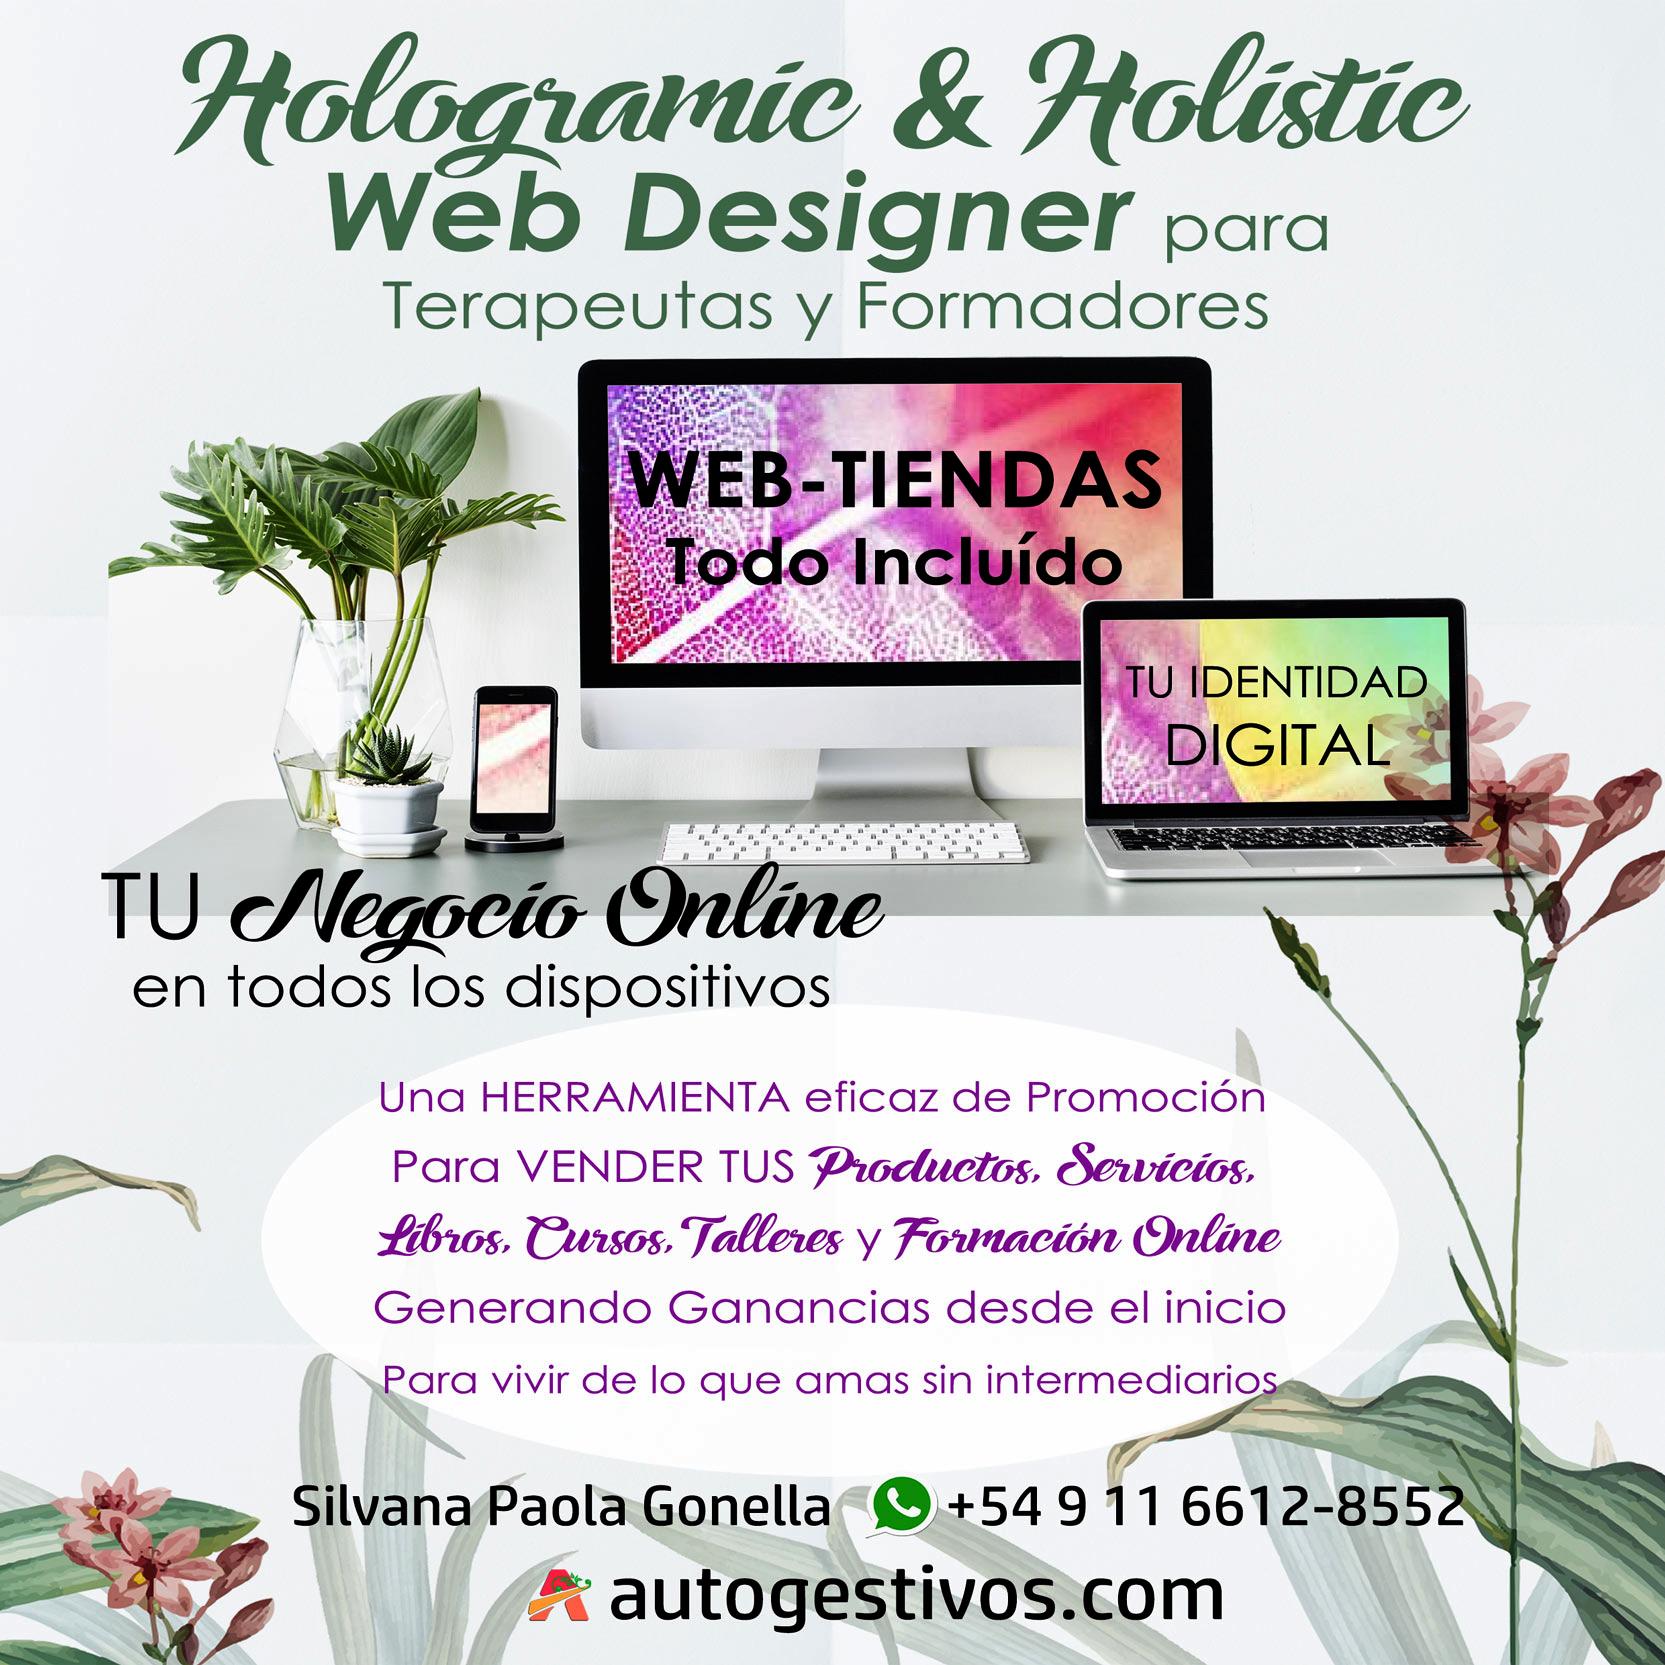 Hologramic & Holistic WEB DESIGN para Terapeutas, Formadores y Emprendedores